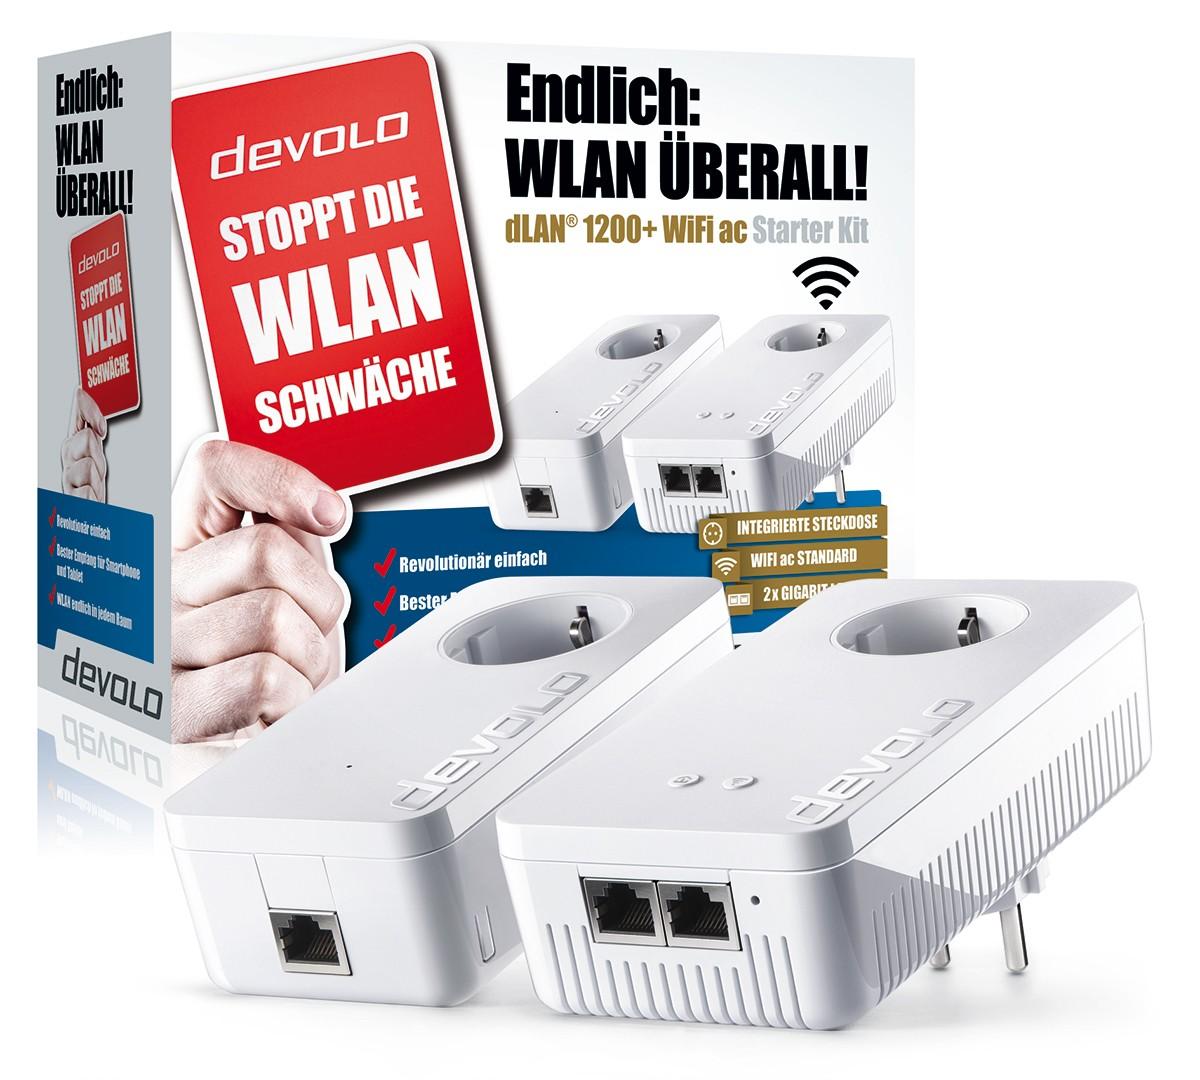 dLAN-1200+-WiFi-ac-packshot-Starter-Kit-CMYK-3303